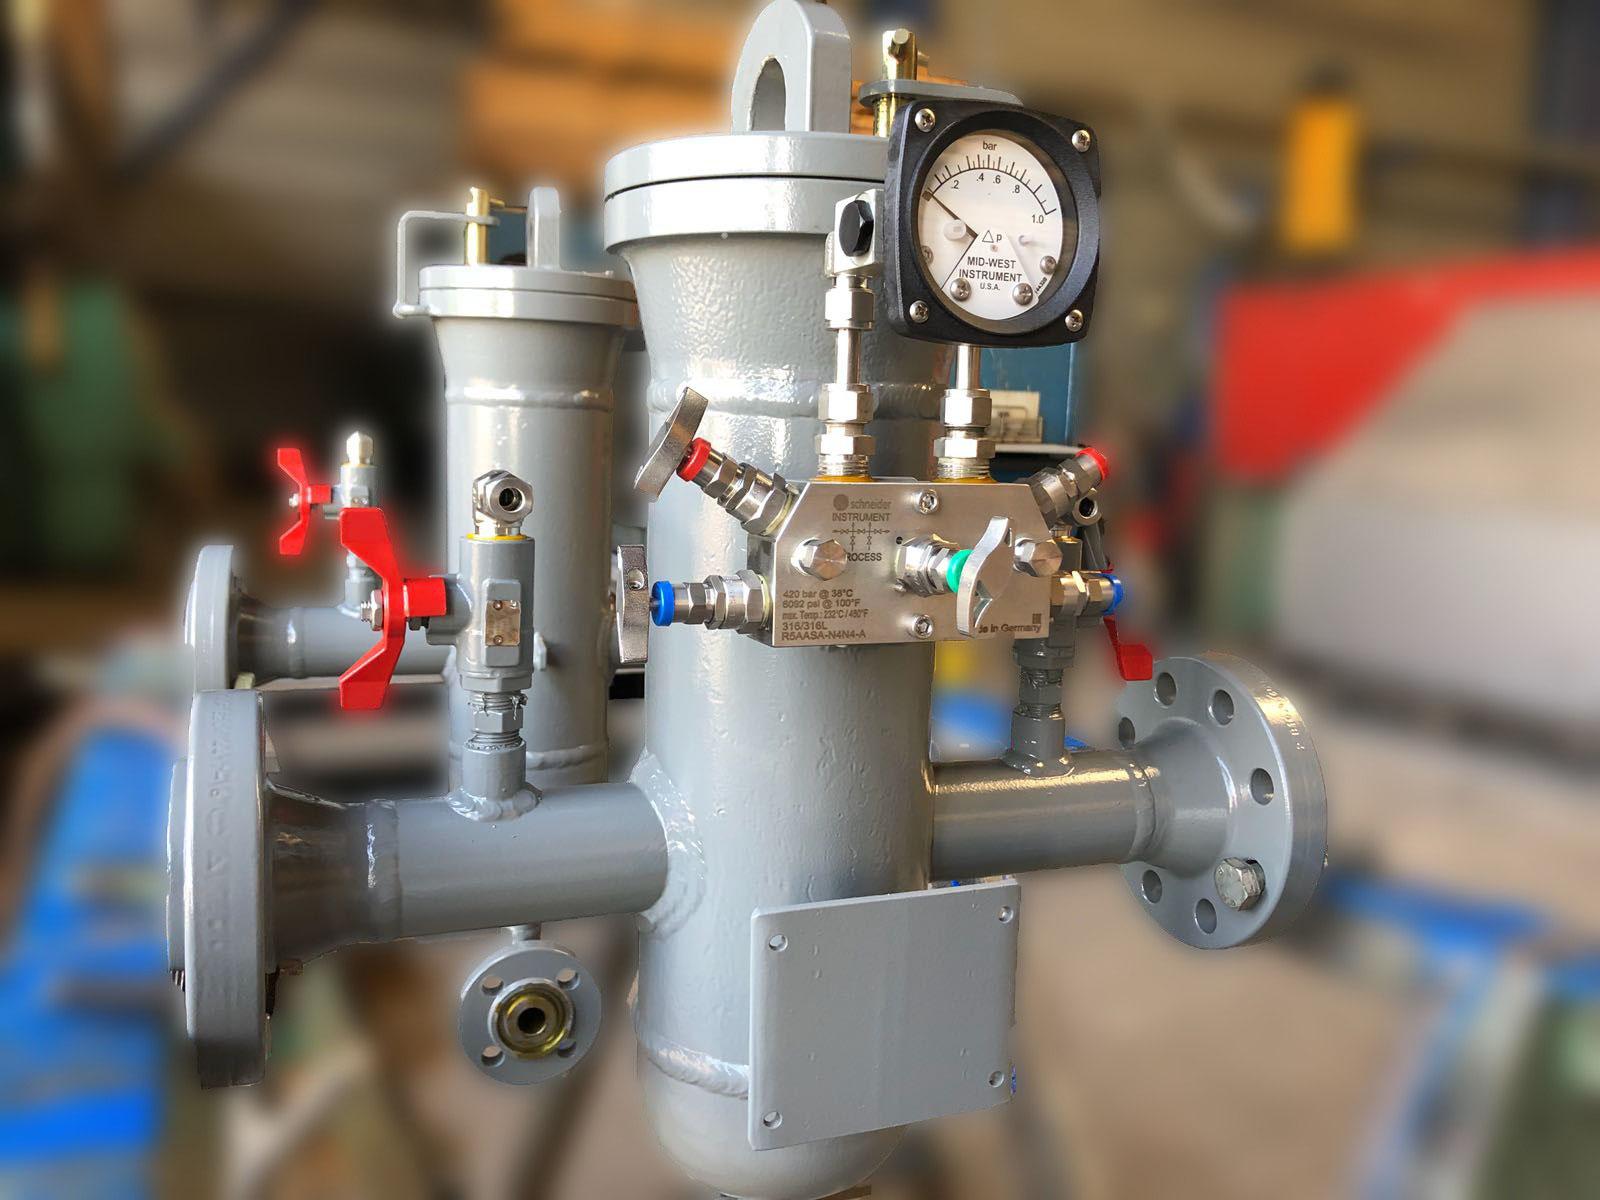 Chaudronnerie, Appareils à pression - Site de filtres-equipements !